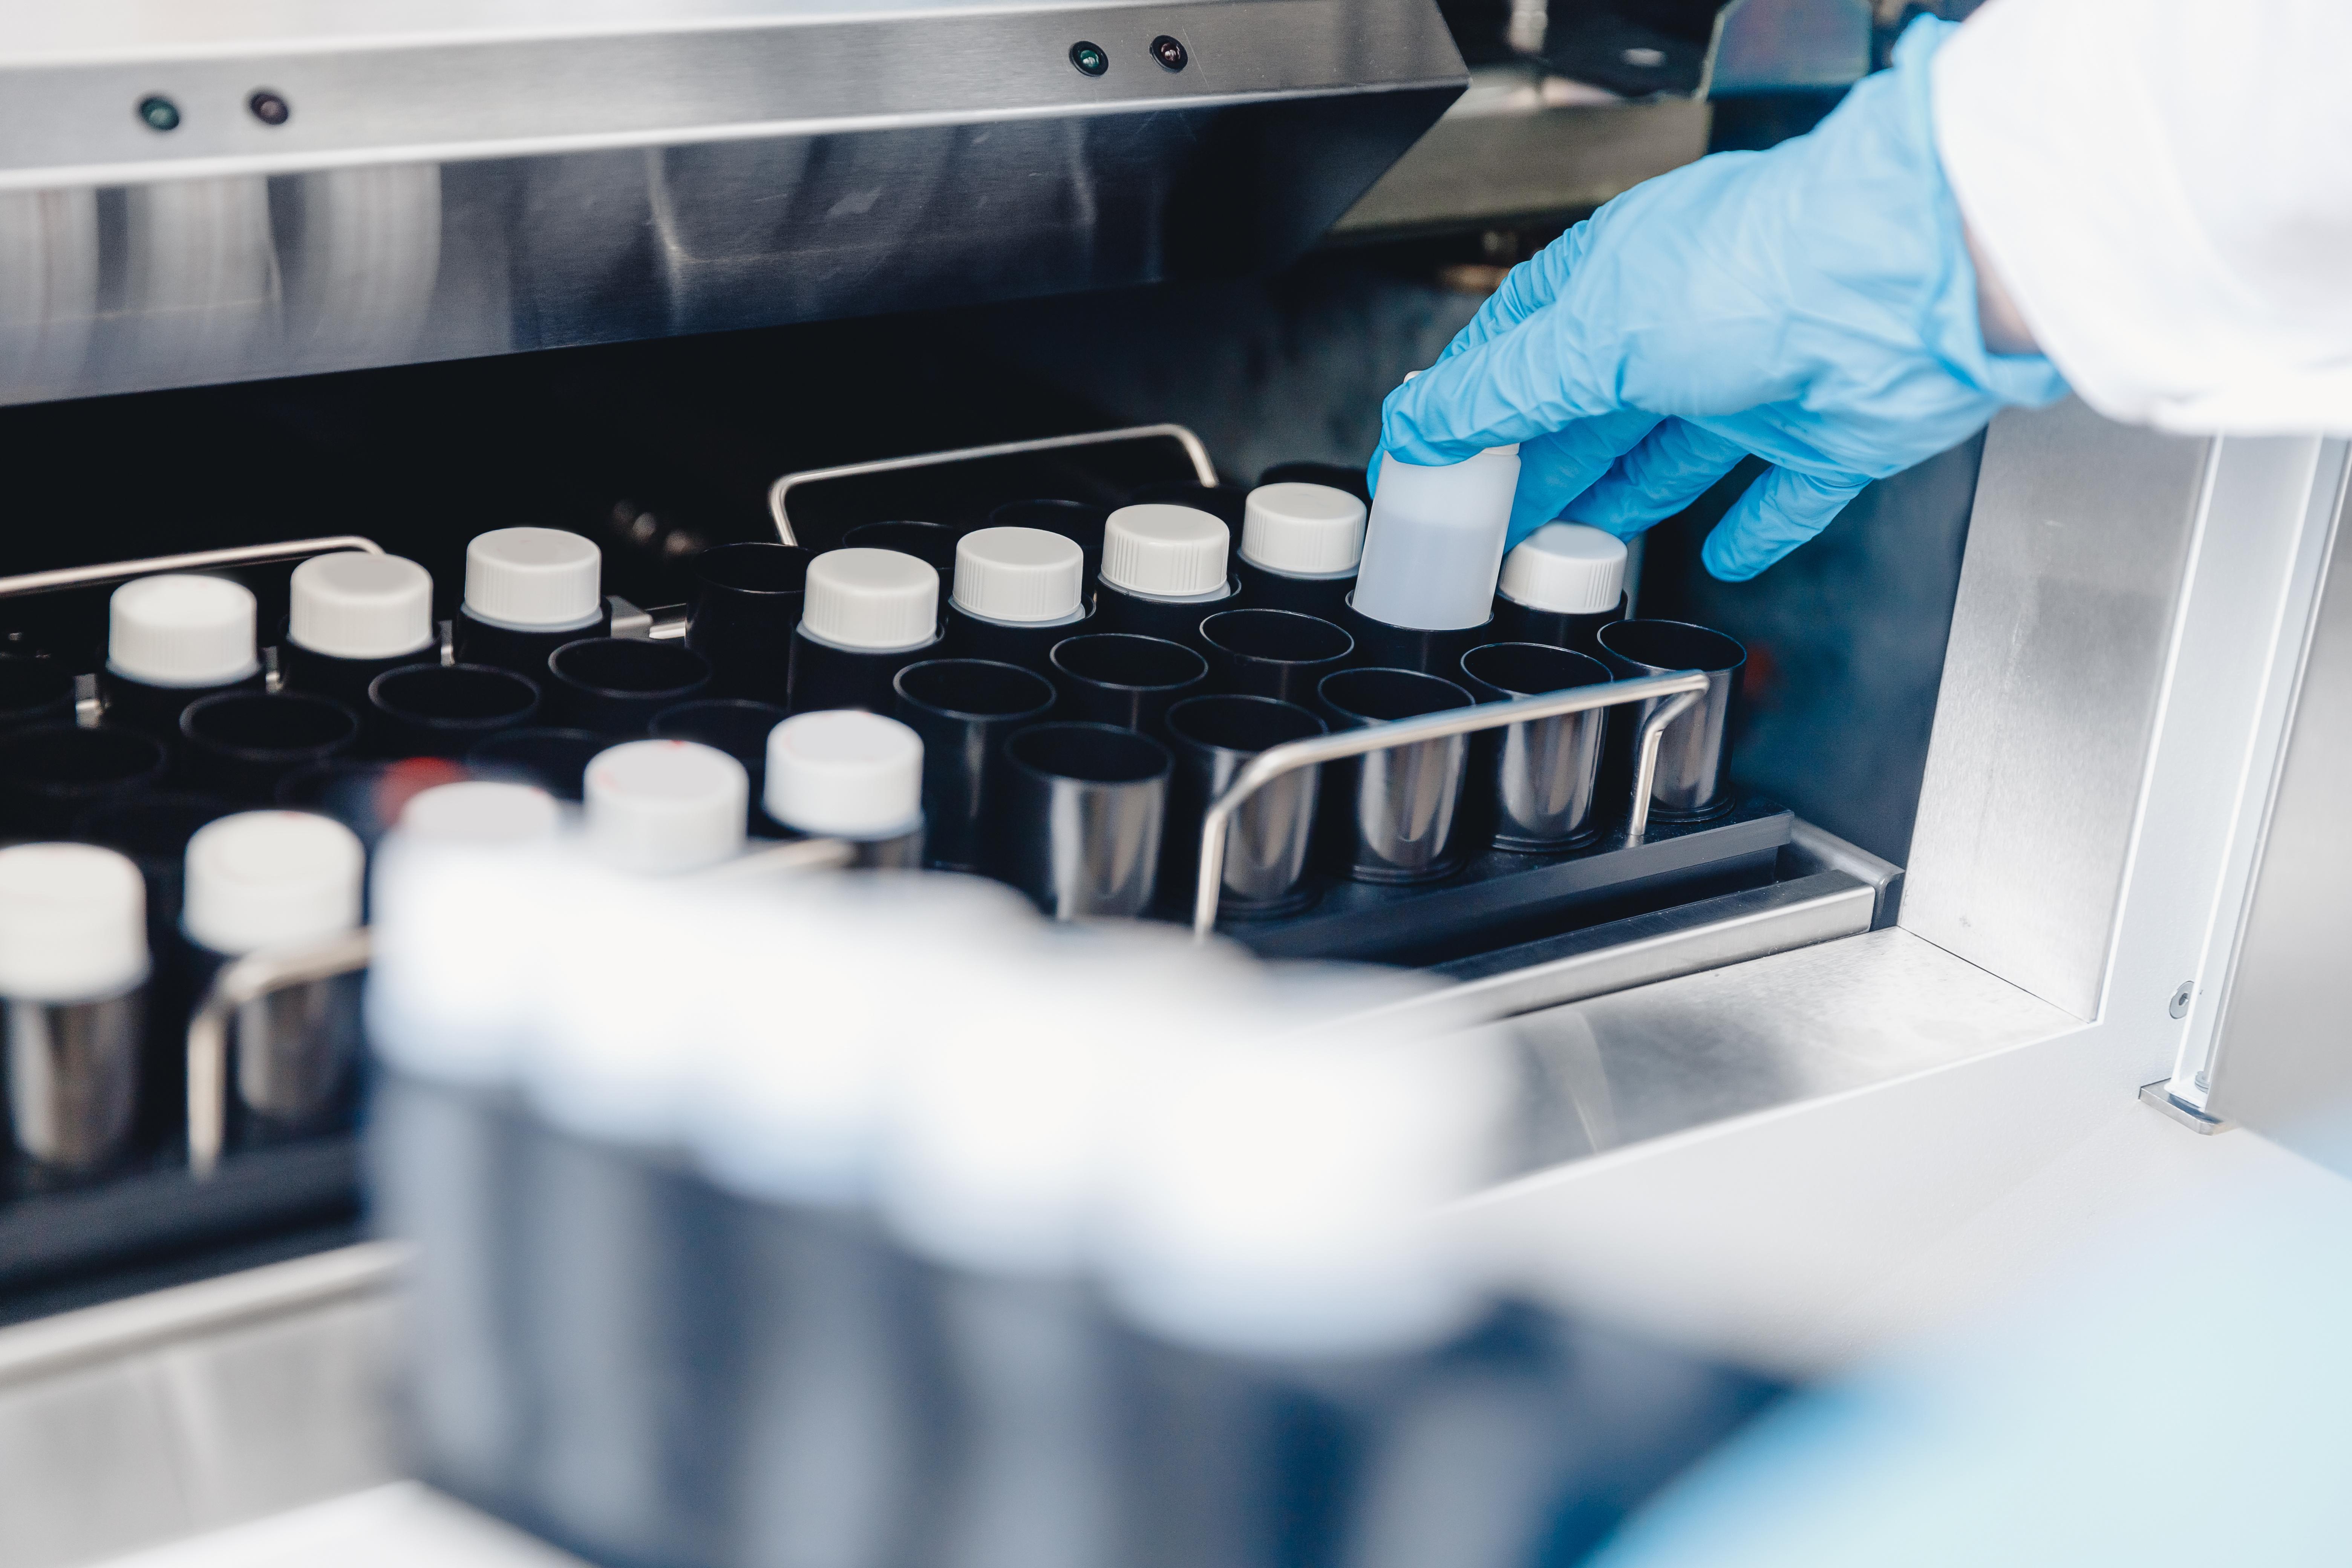 L'infection des testicules par SARS-CoV-2 semble possible, avec des conséquences sur la fertilité (Visuel adobe Stock 292084395)